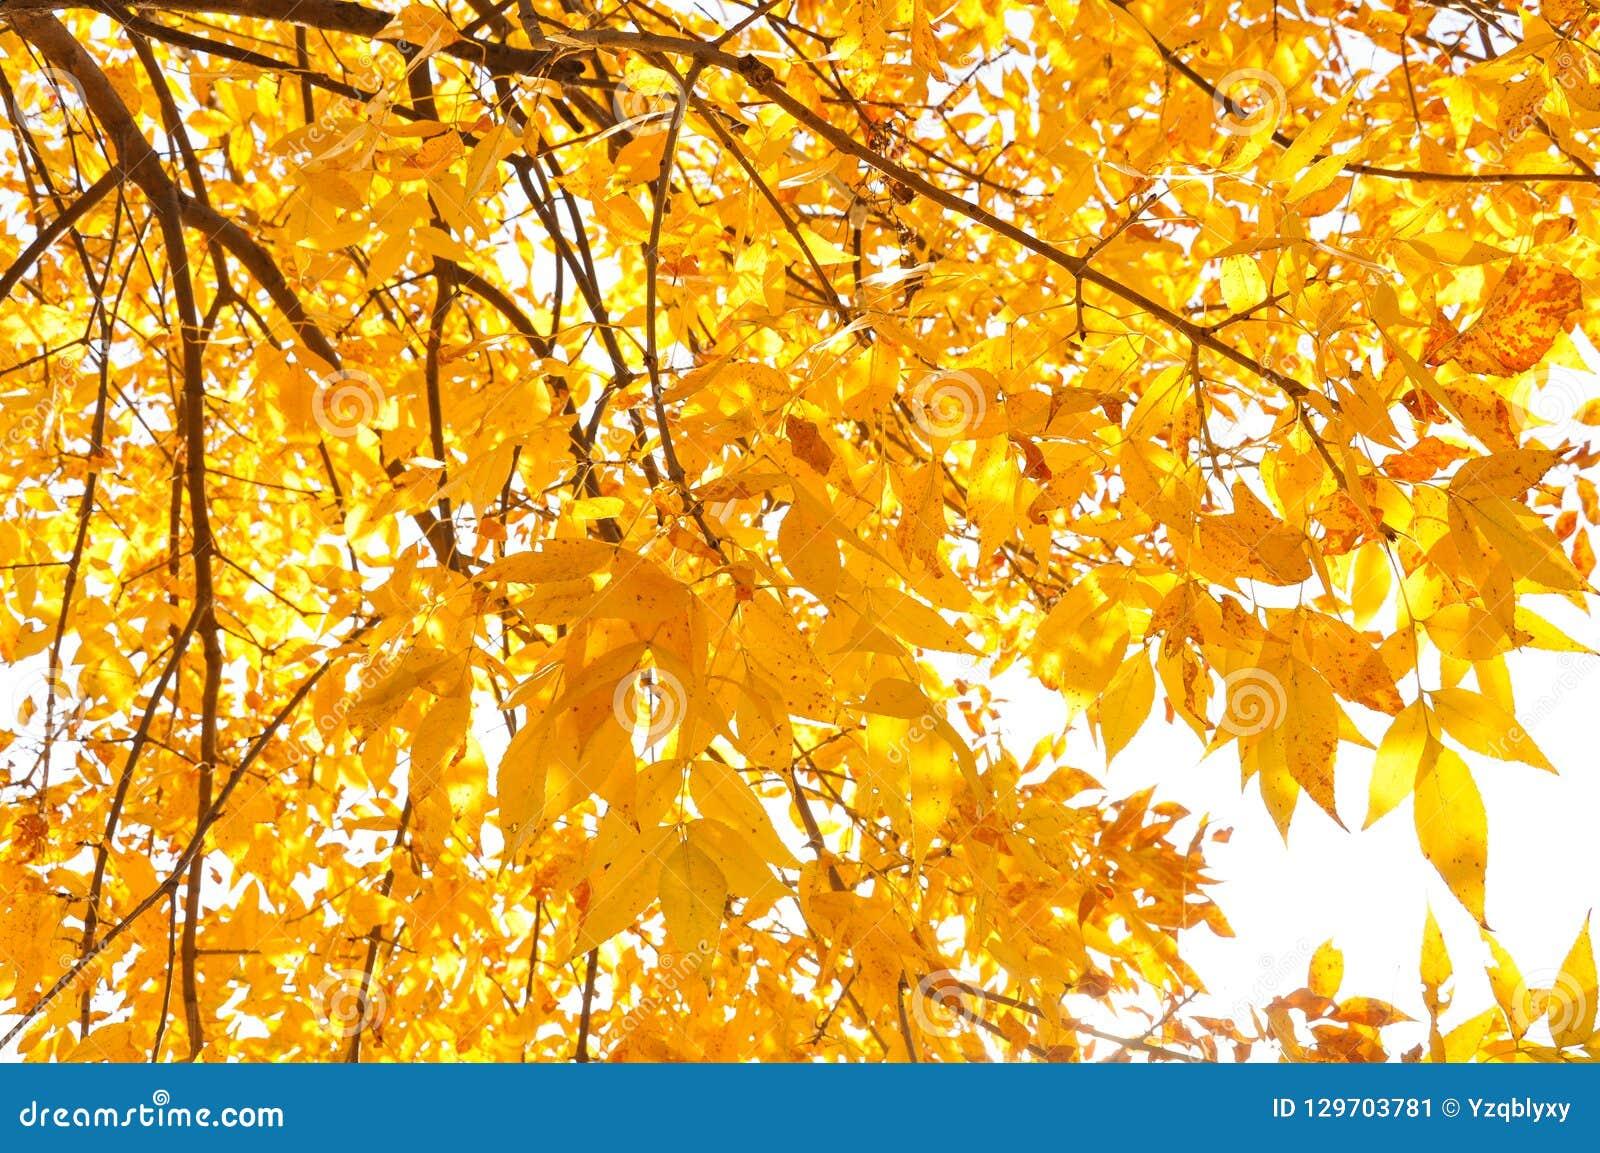 Bunte Blätter im Herbst- und Morgensonnenlicht